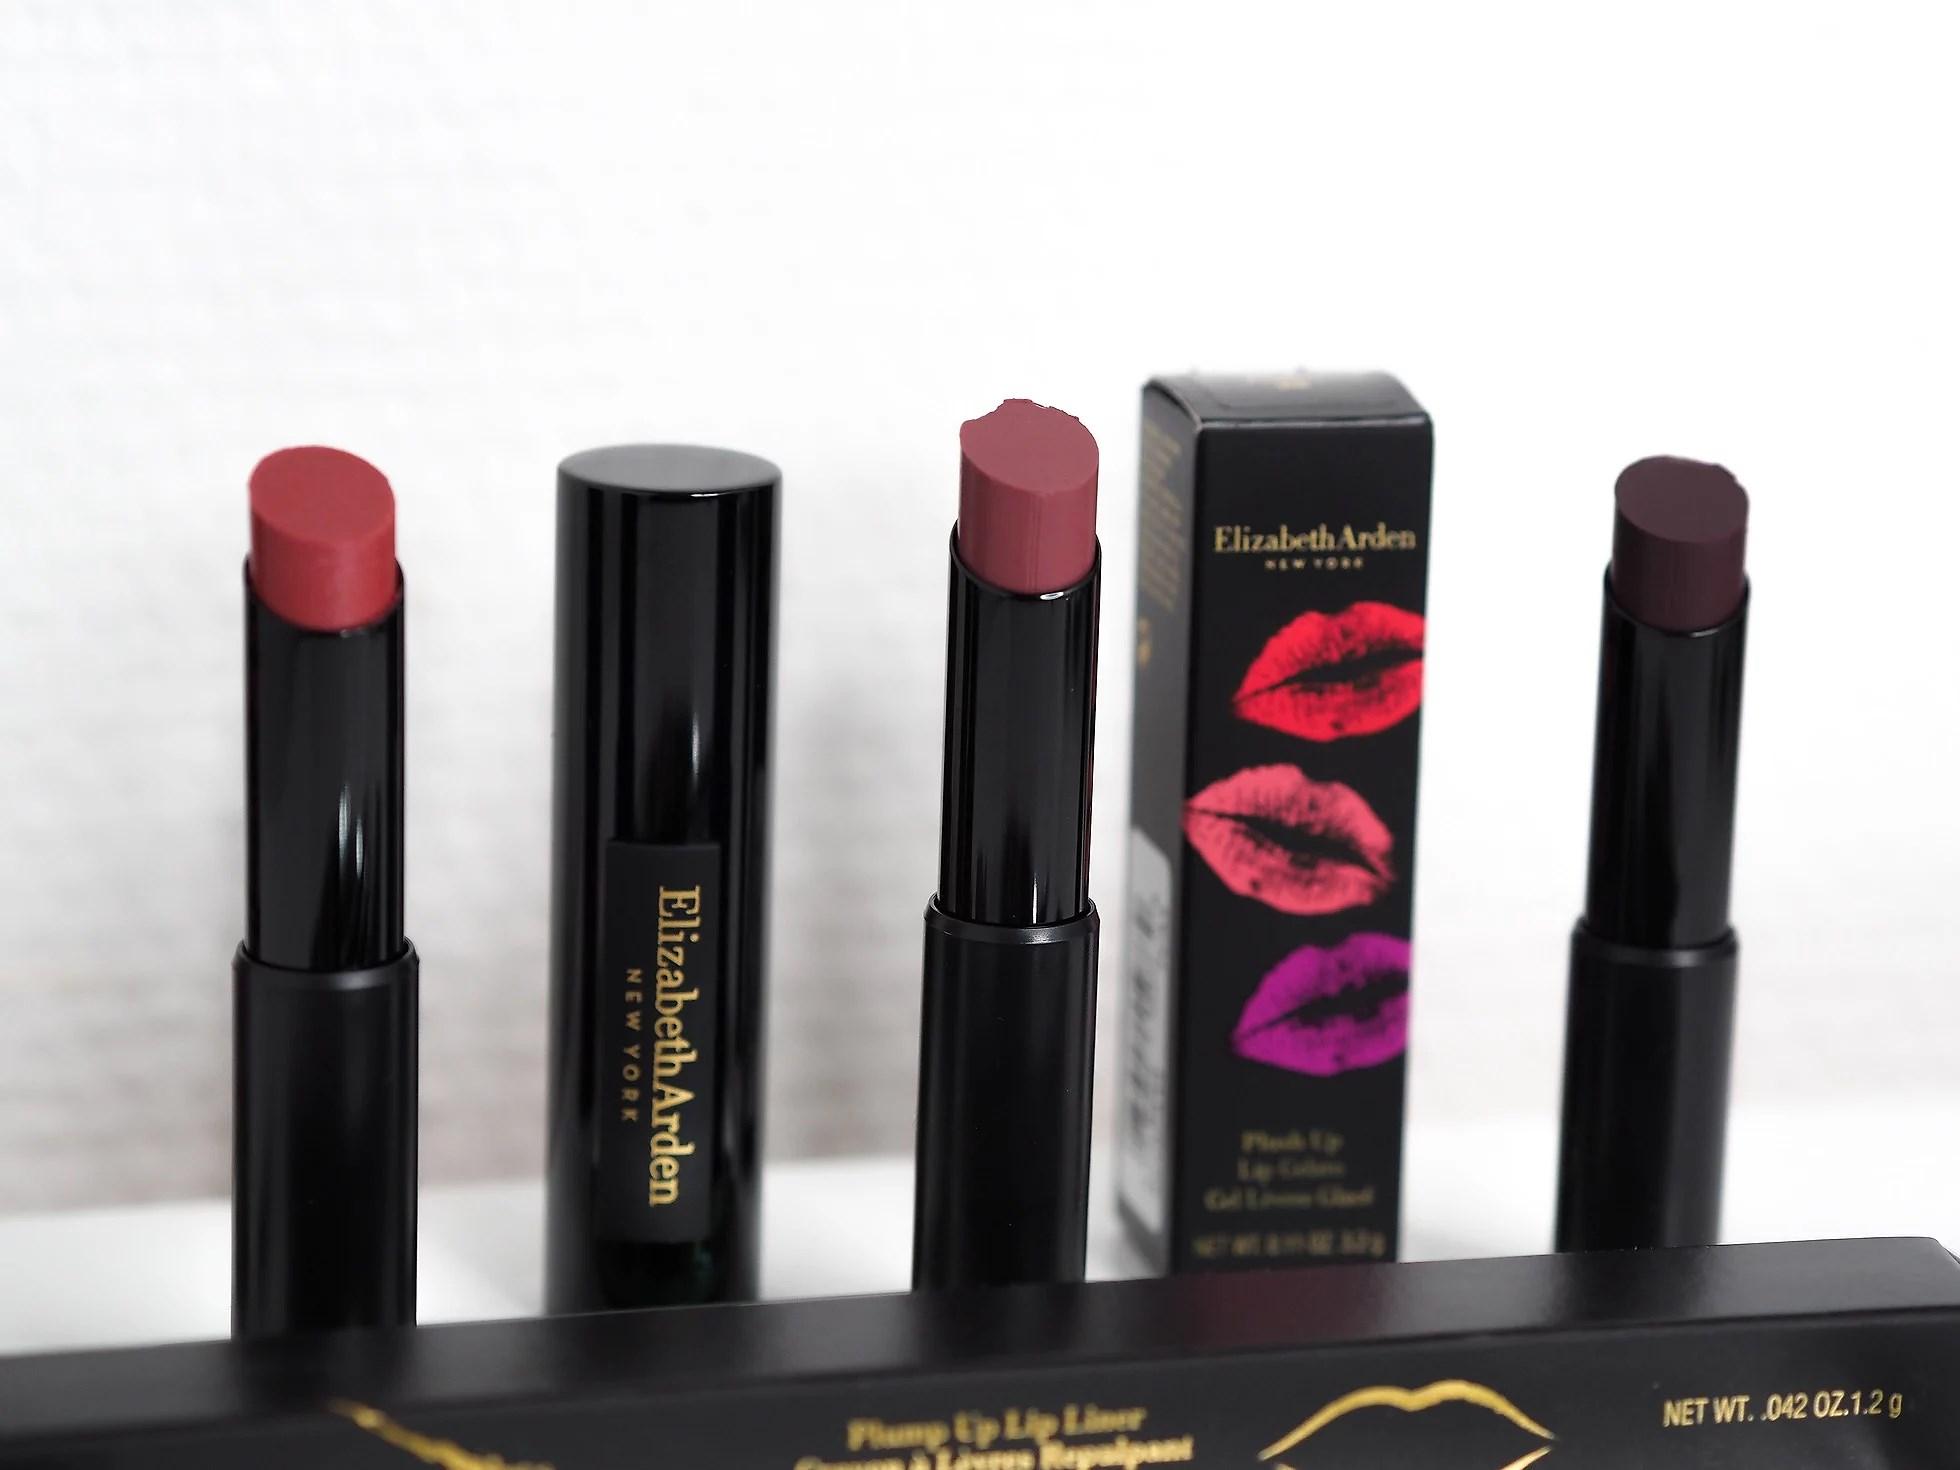 LUKE 9: Elizabeth Arden 3 lipstick + 2 lipliners